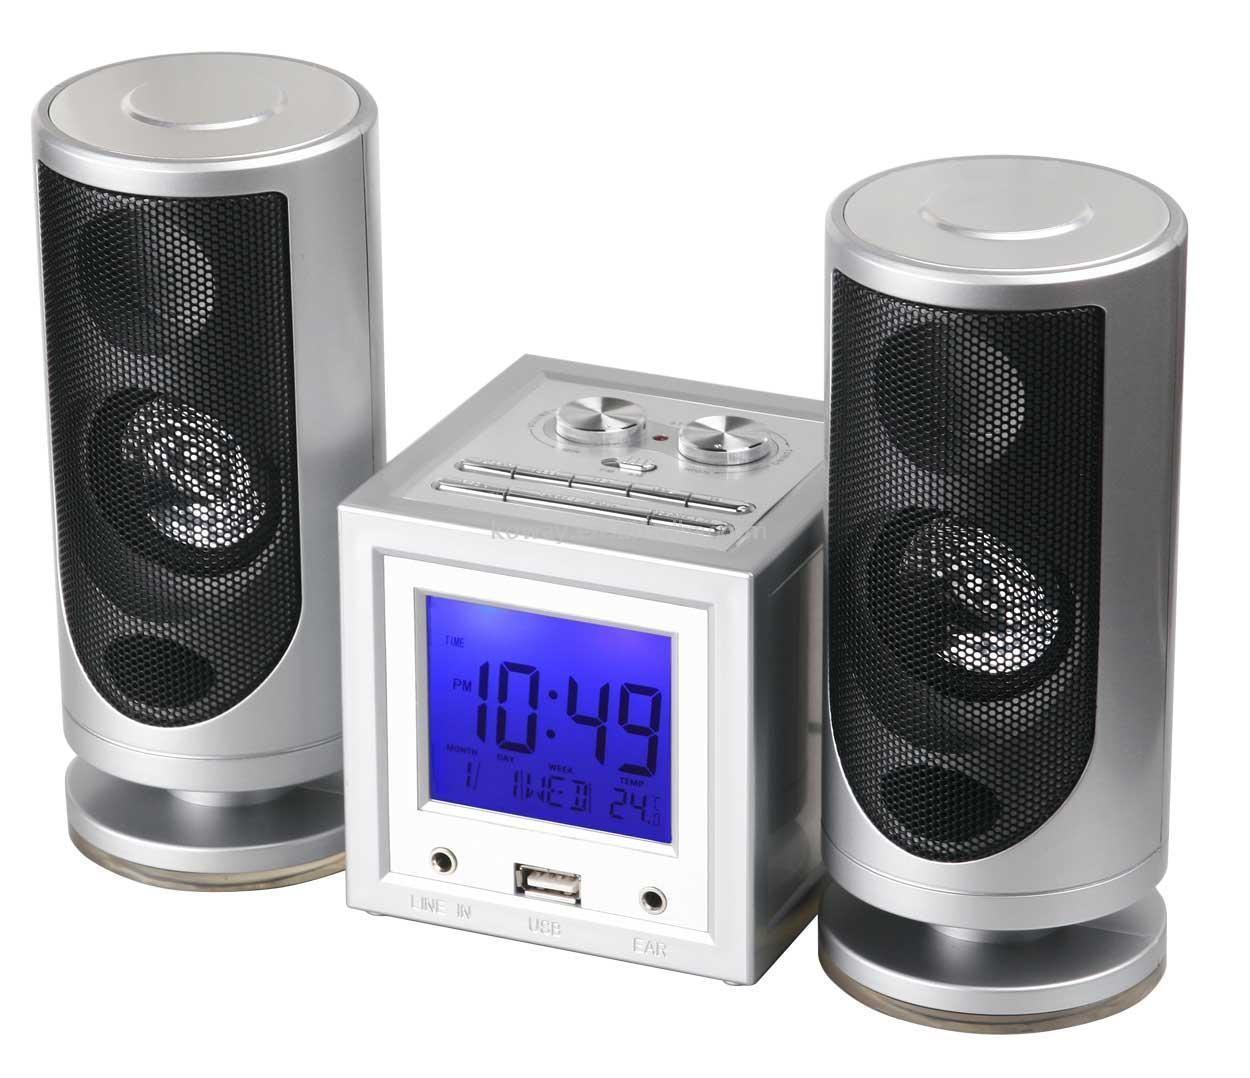 رادیو شیک --- عکس با کیفیت و بزرگ از رادیو و ساعت زنگدار با اسپیکر